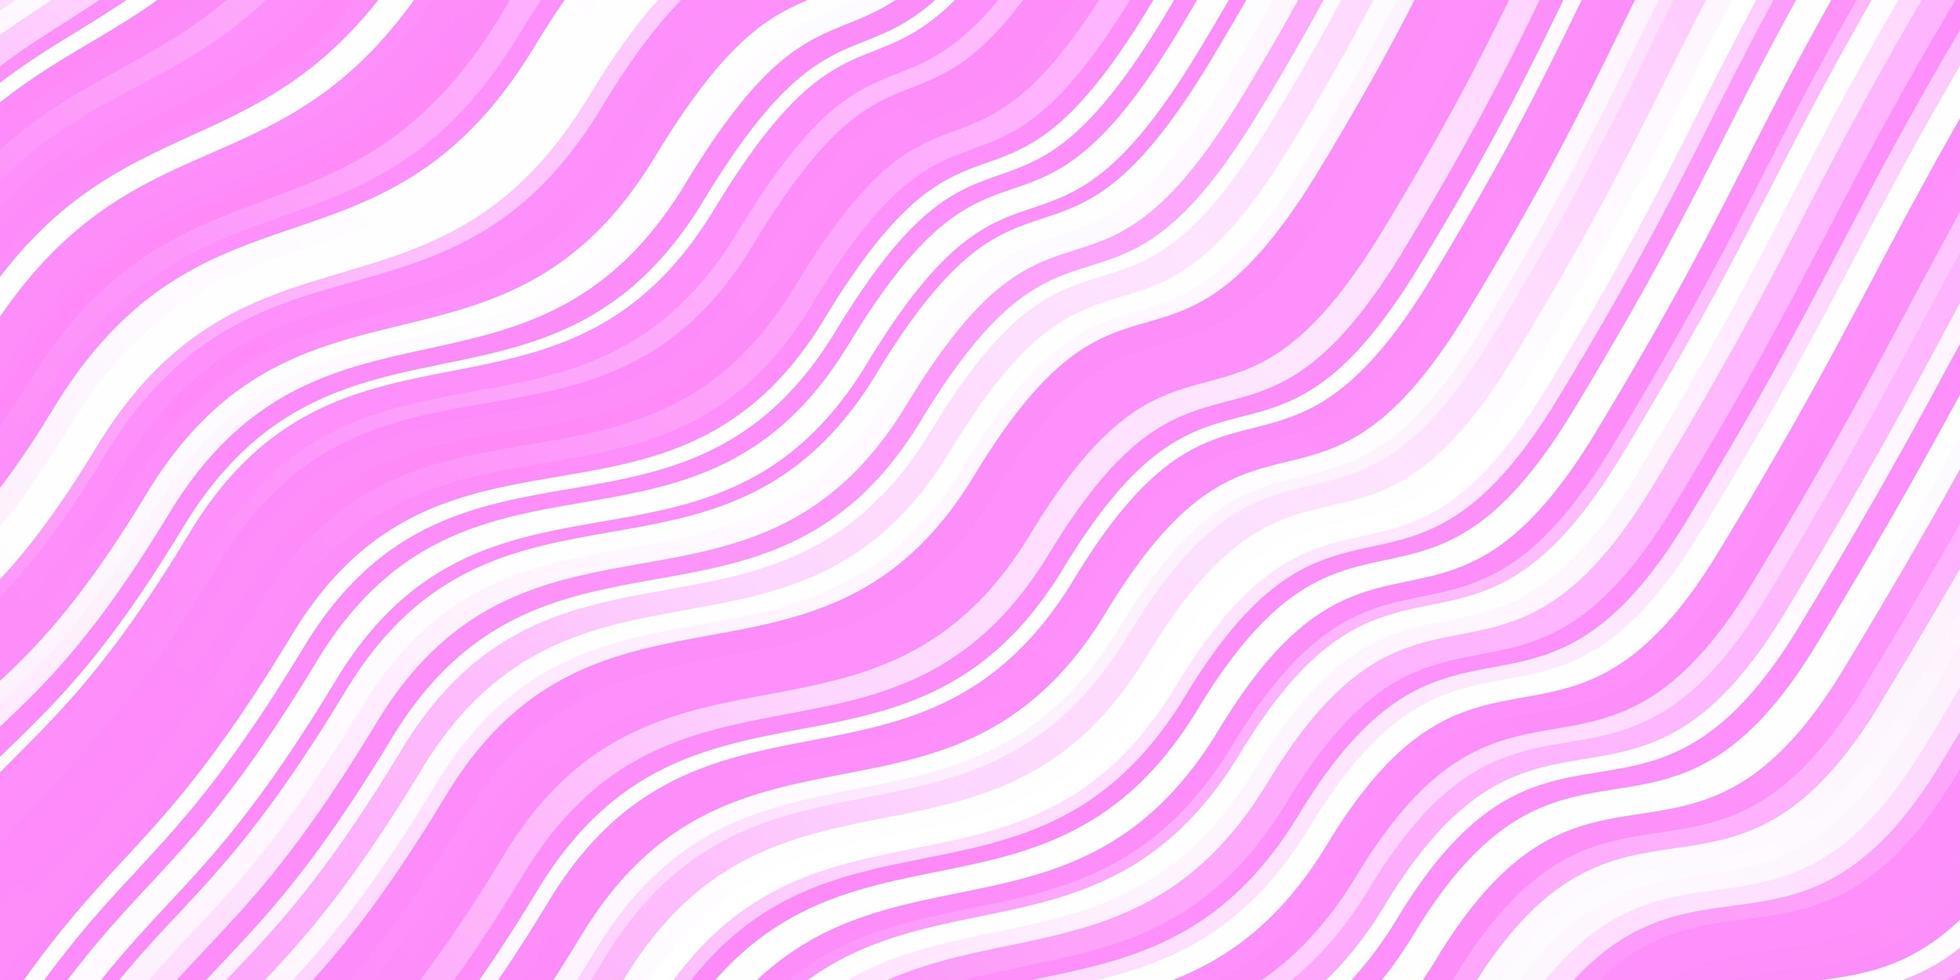 rosa Schablone mit gekrümmten Linien. vektor